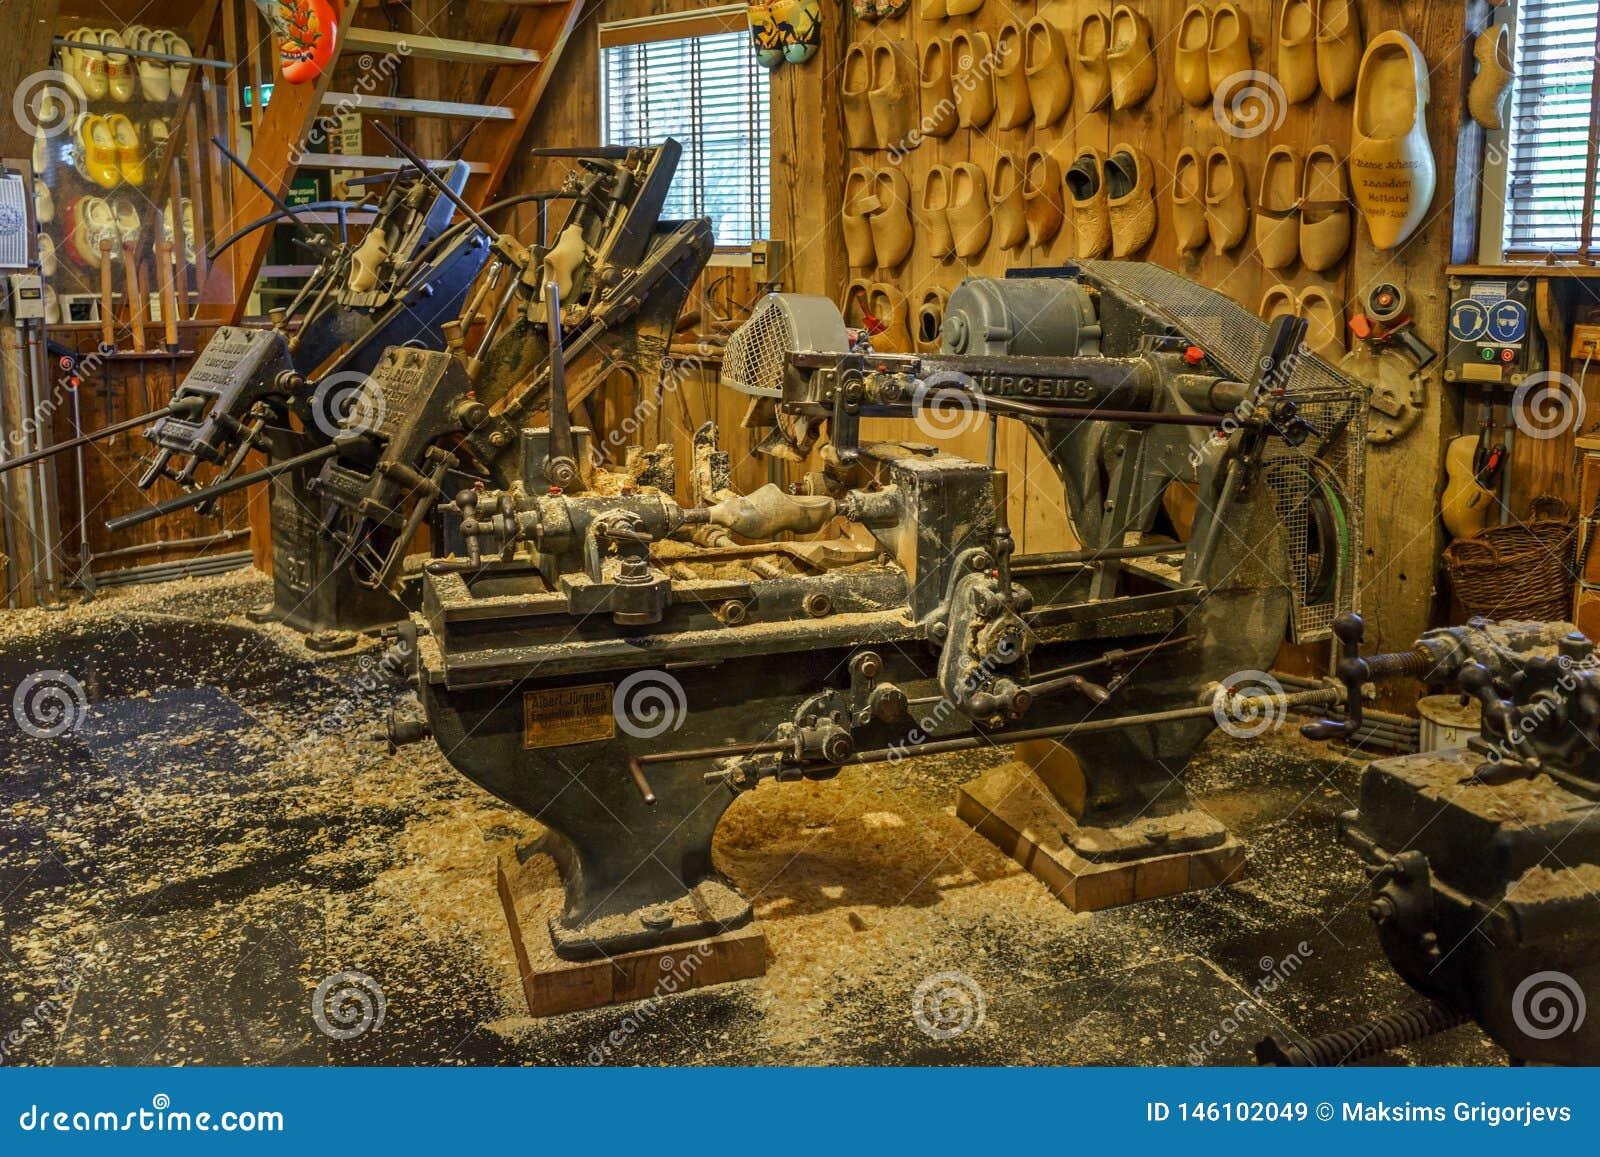 Tradycyjny stary chodak robi maszynie w warsztacie z drewnianymi butami na pokazie